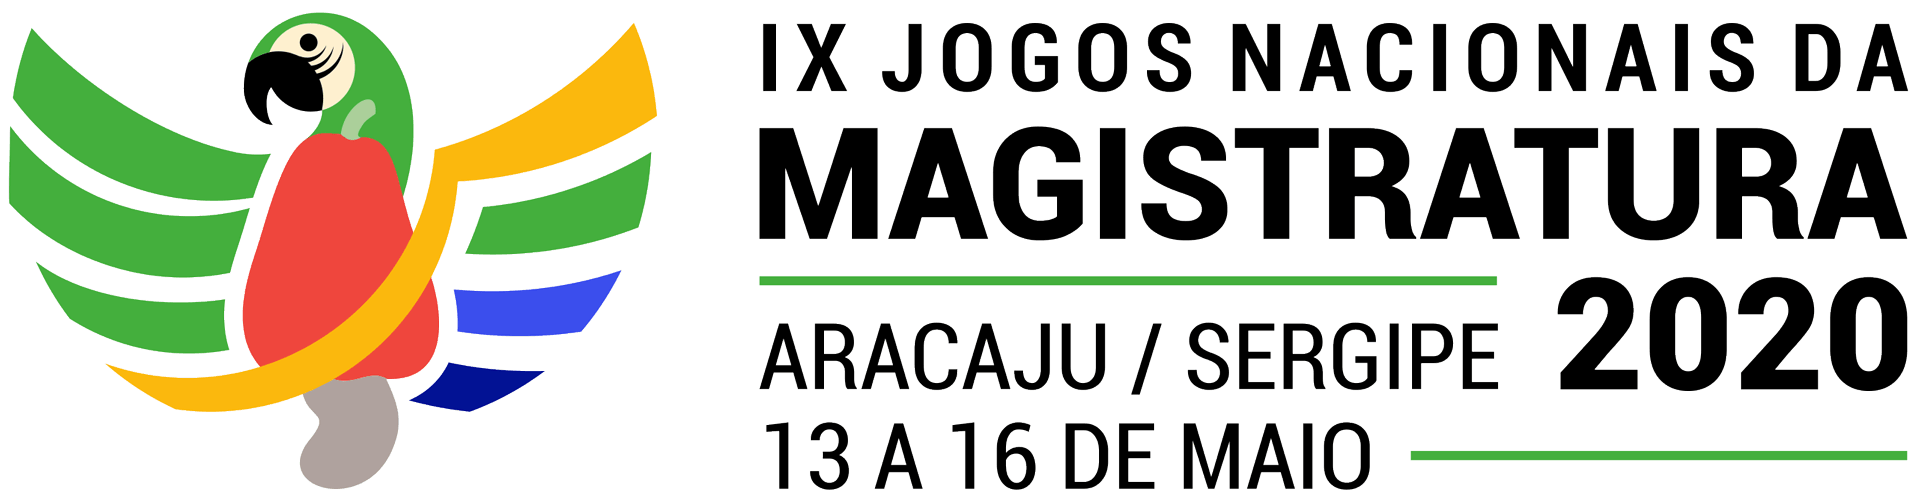 Marca IX jogos nacionais da magistratura aracaju/sergipe 2020